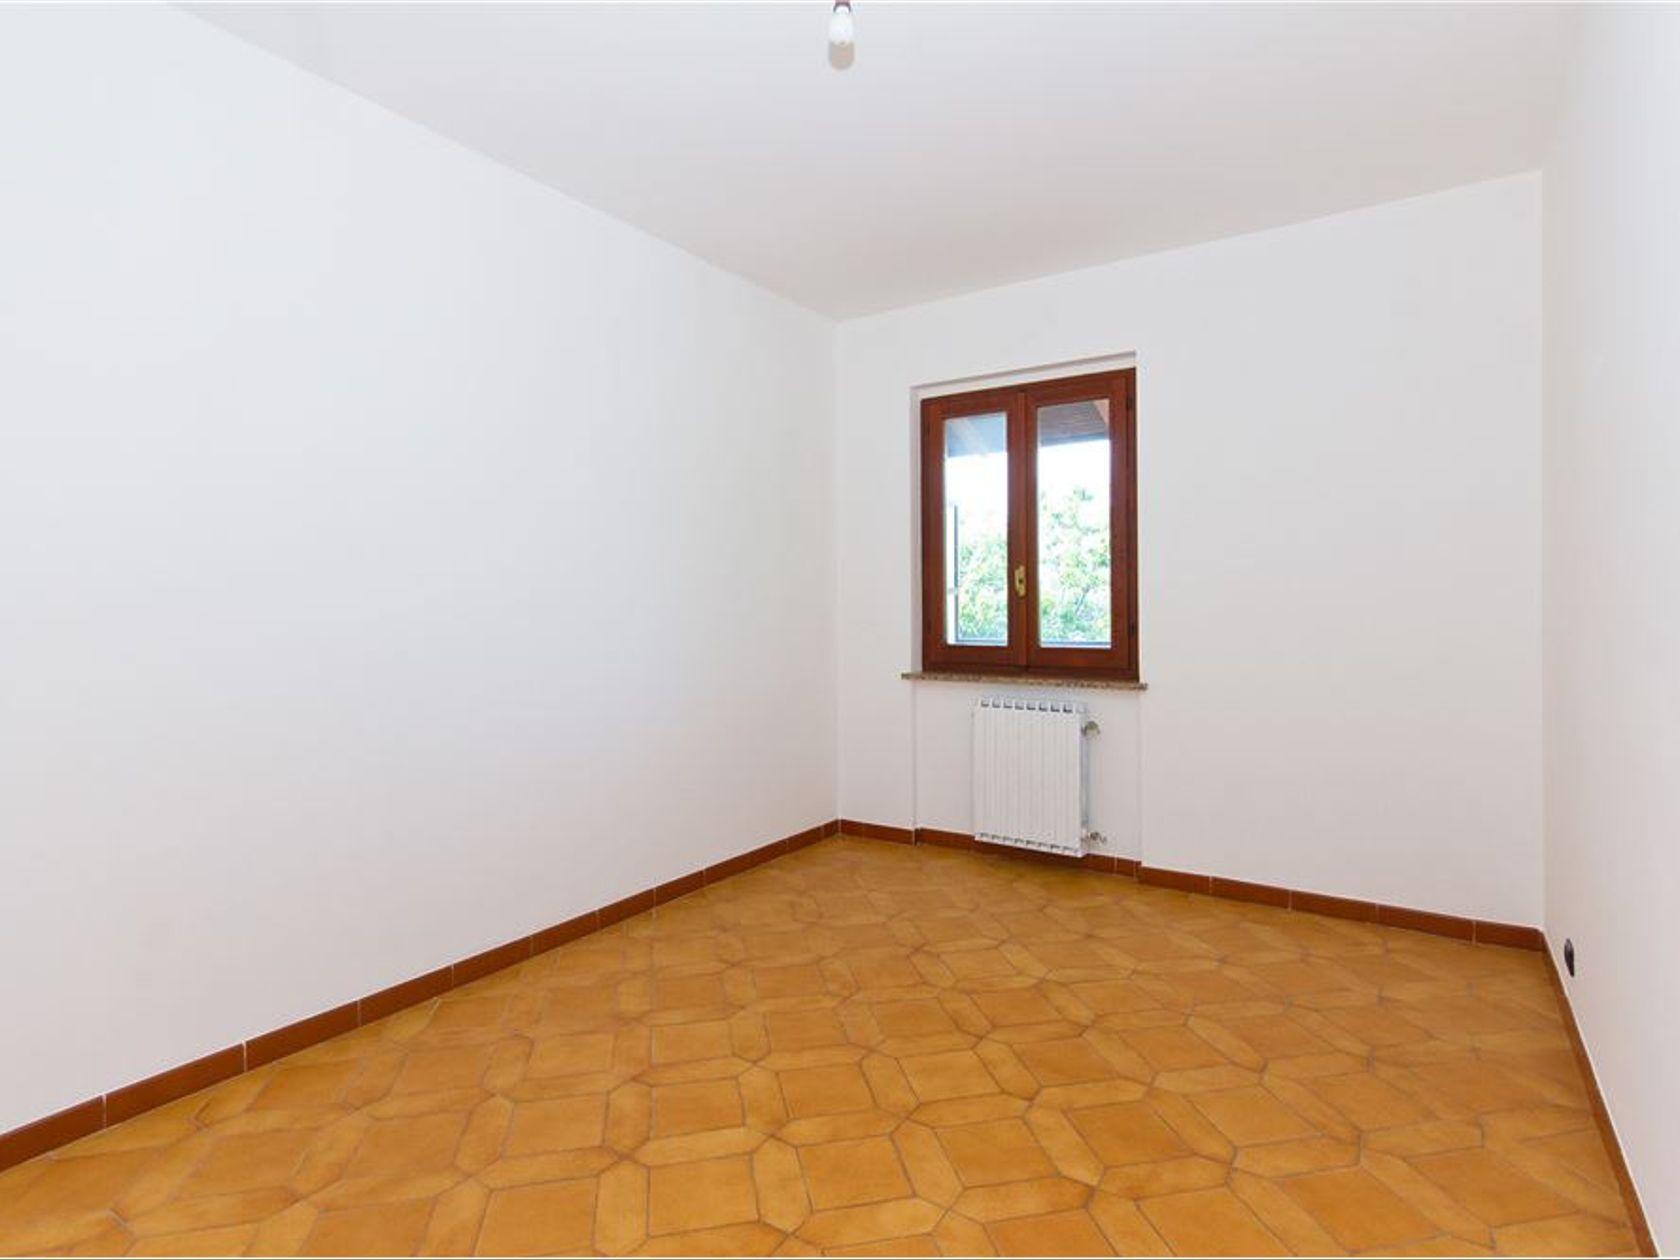 Appartamento Rosta, TO Vendita - Foto 4